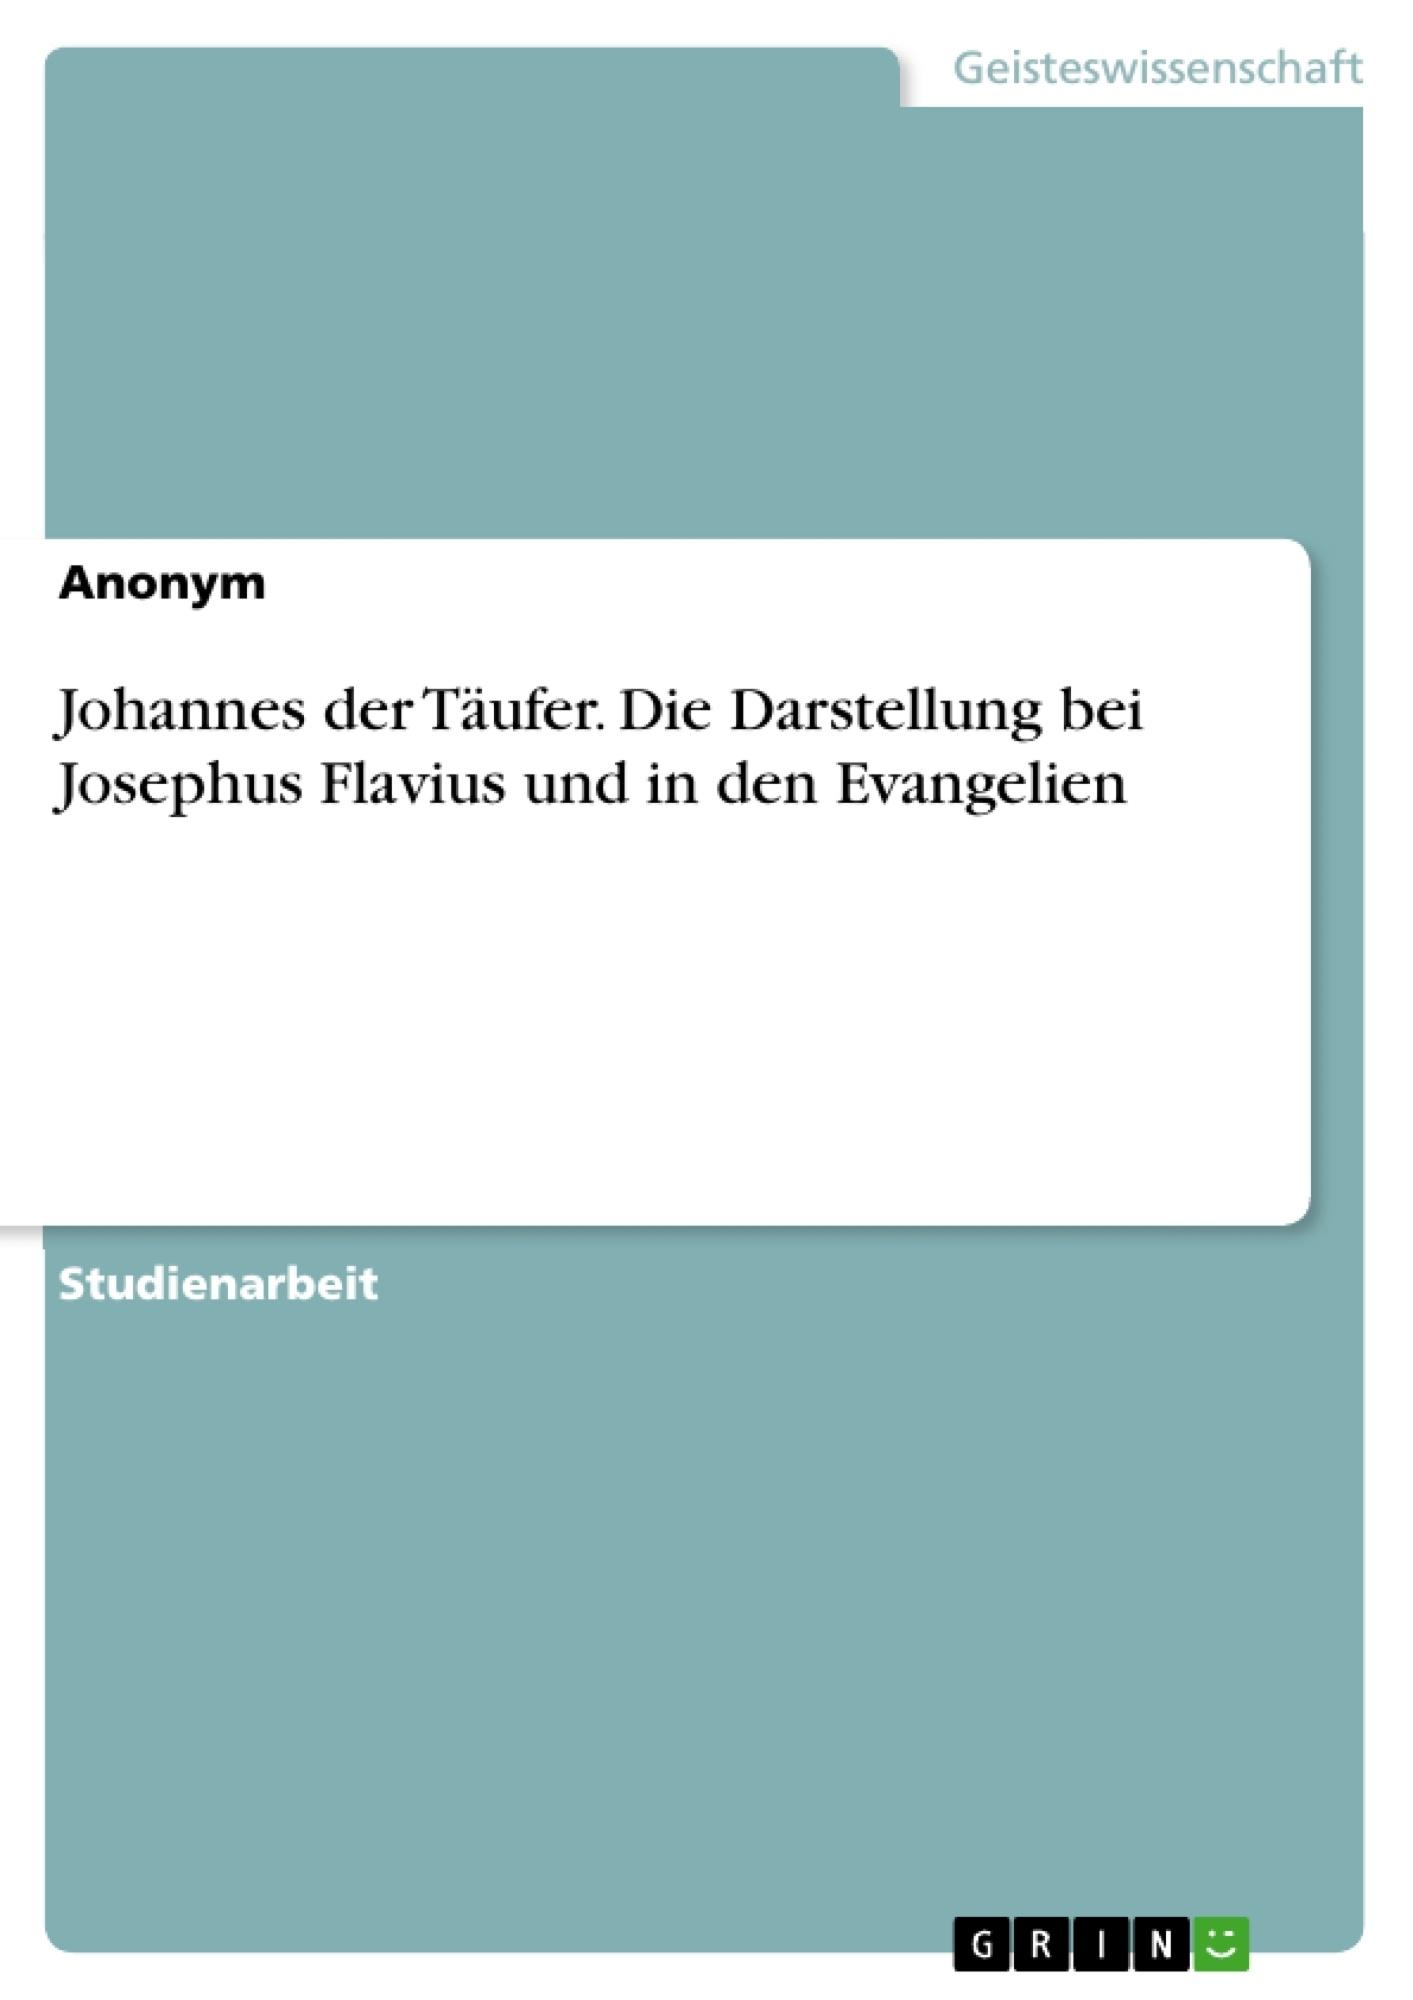 Titel: Johannes der Täufer. Die Darstellung bei Josephus Flavius und in den Evangelien